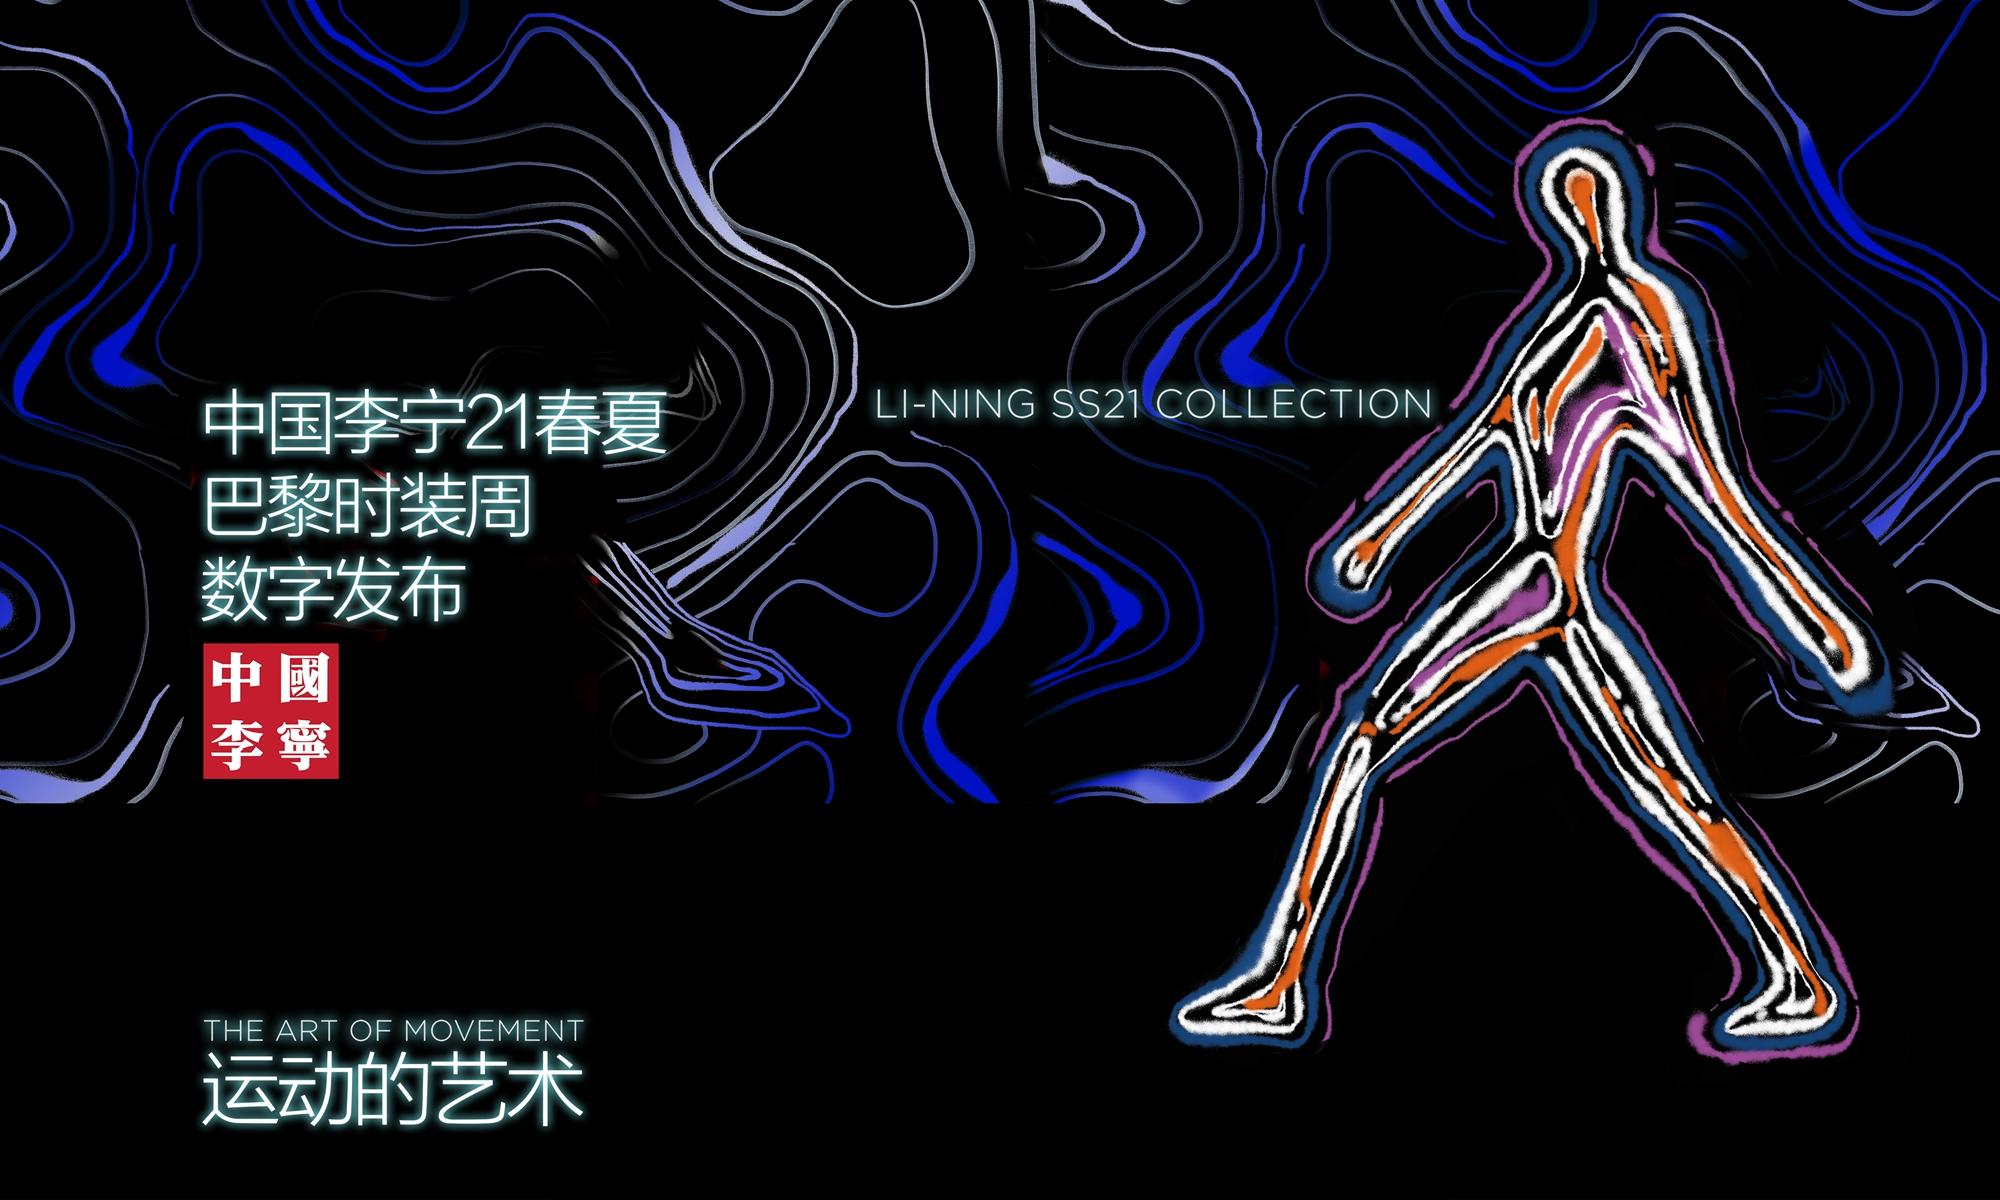 「运动的艺术」,李宁 2021 春夏系列视觉大片正式公开